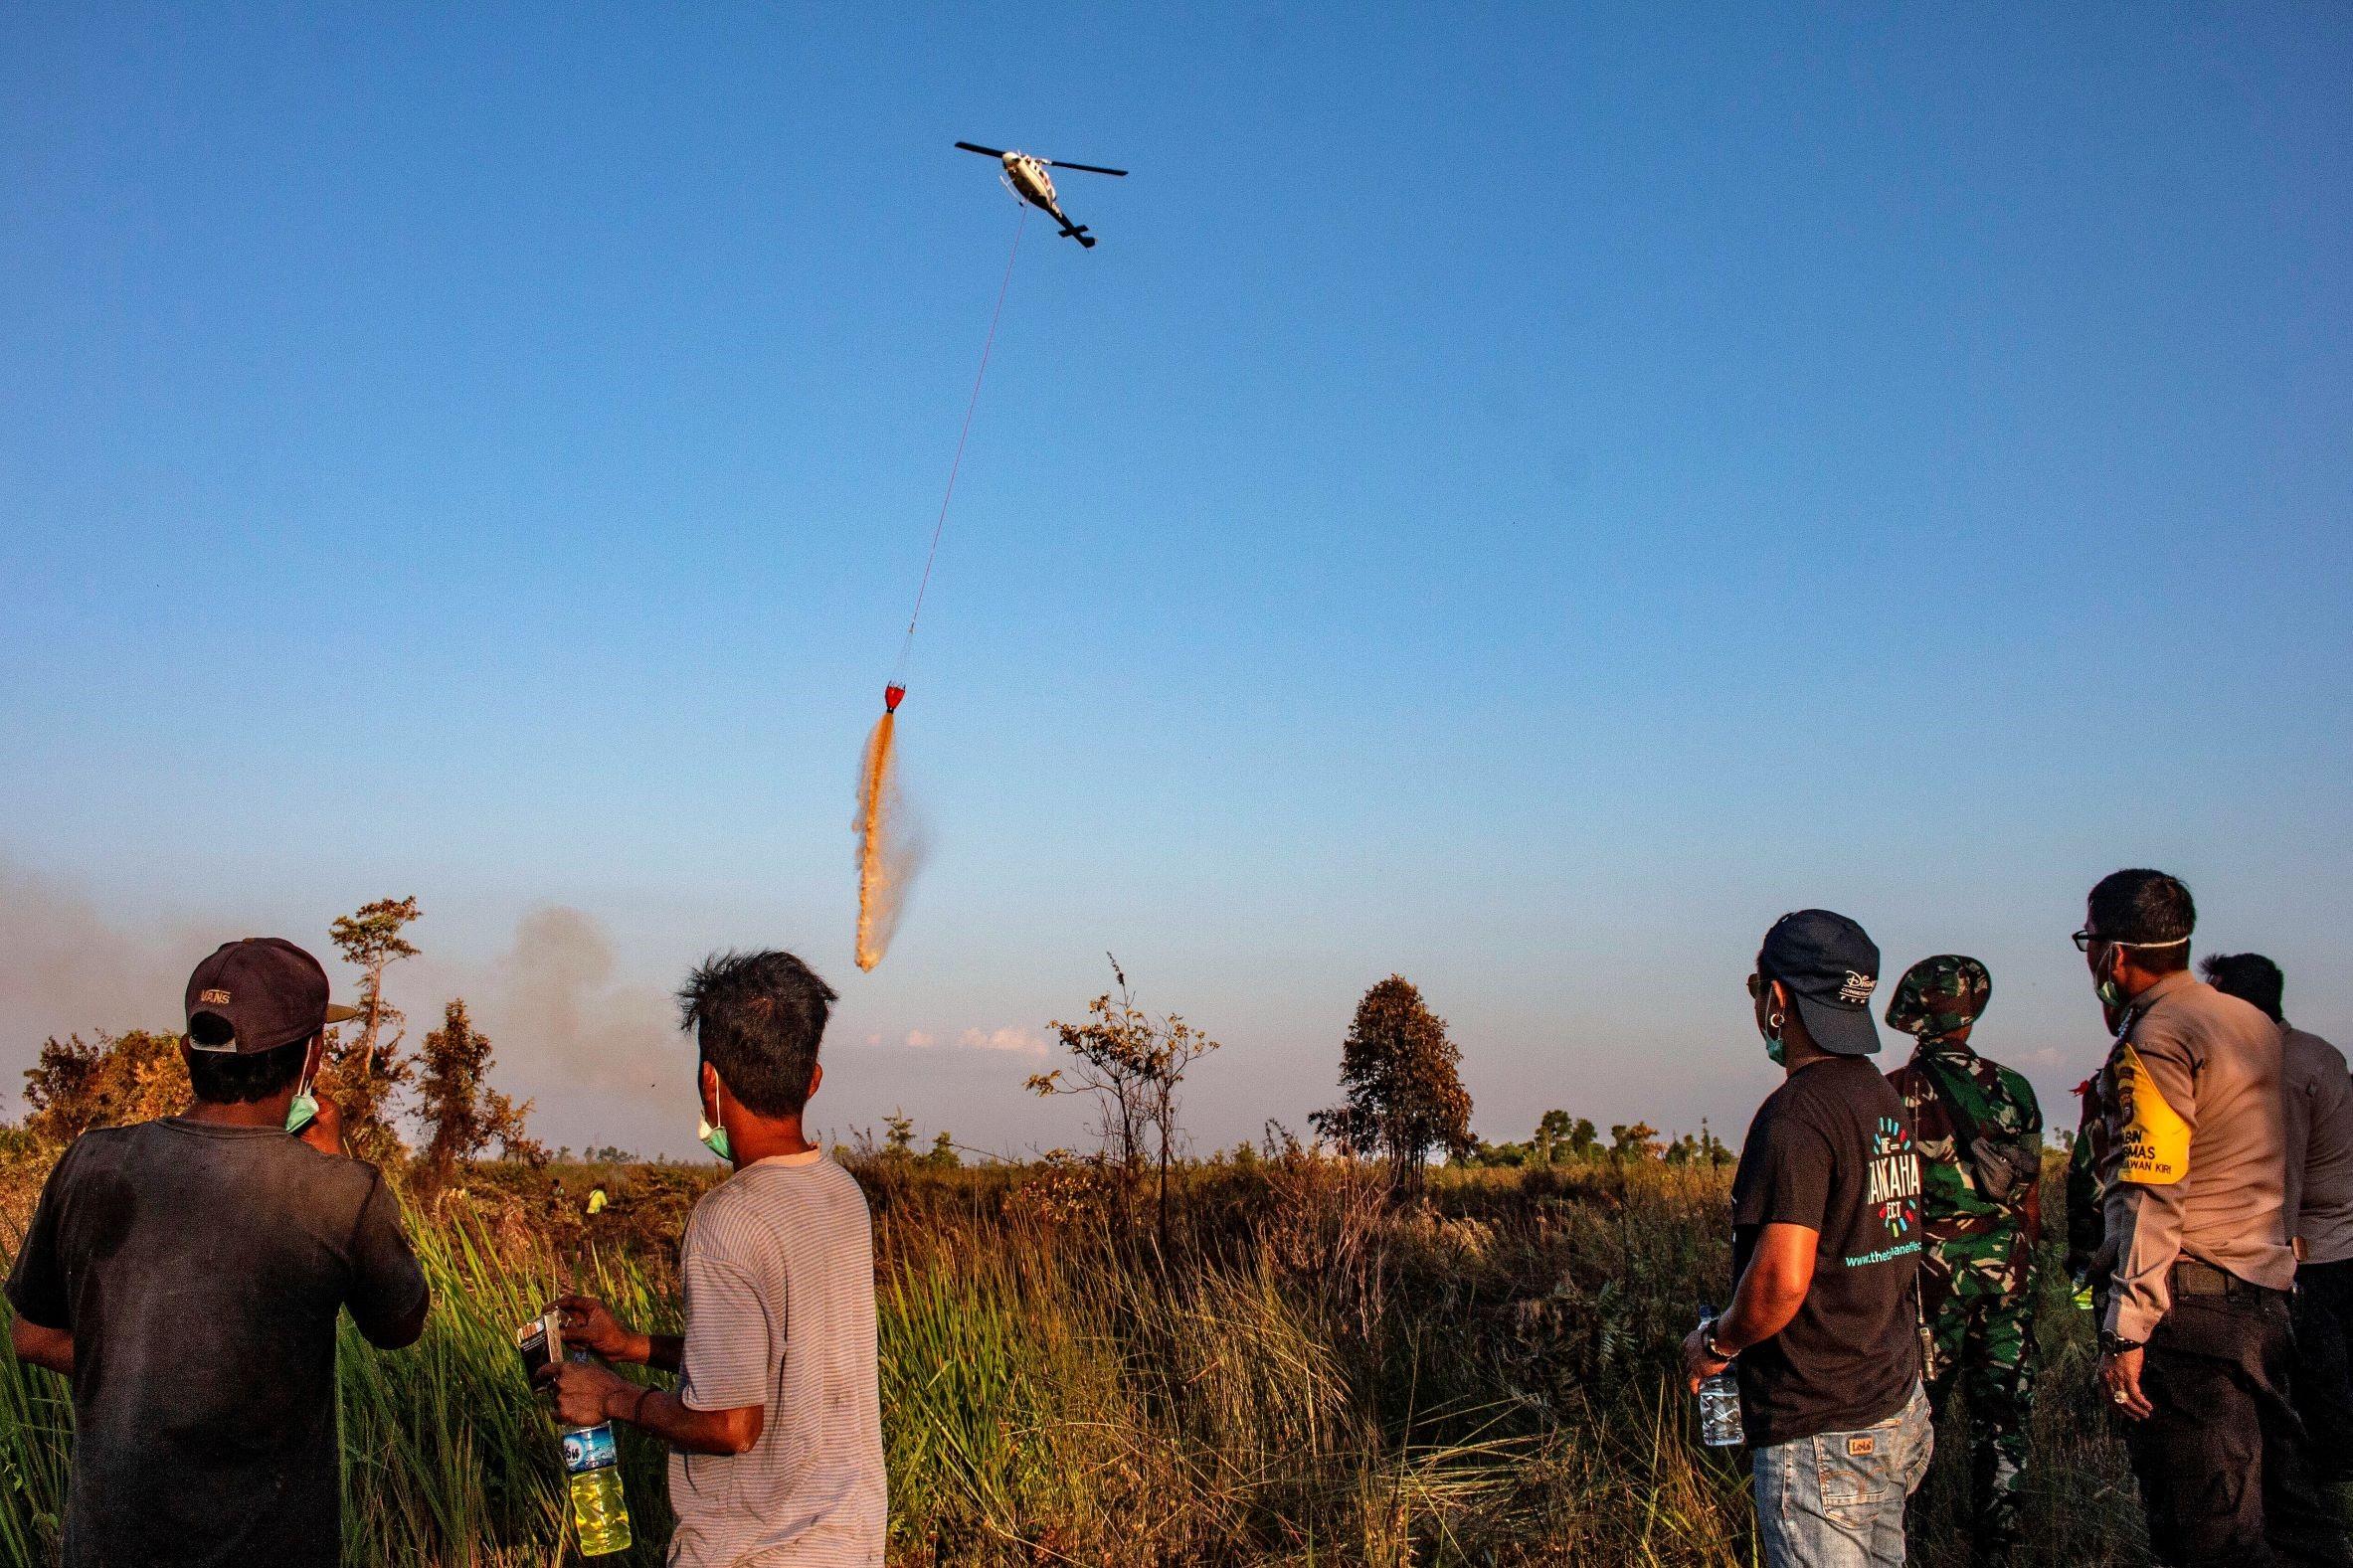 Sebuah helikpter diterjunkan untuk memadamkan kobaran api yang membakar lahan lahan gambut. (foto:ist)